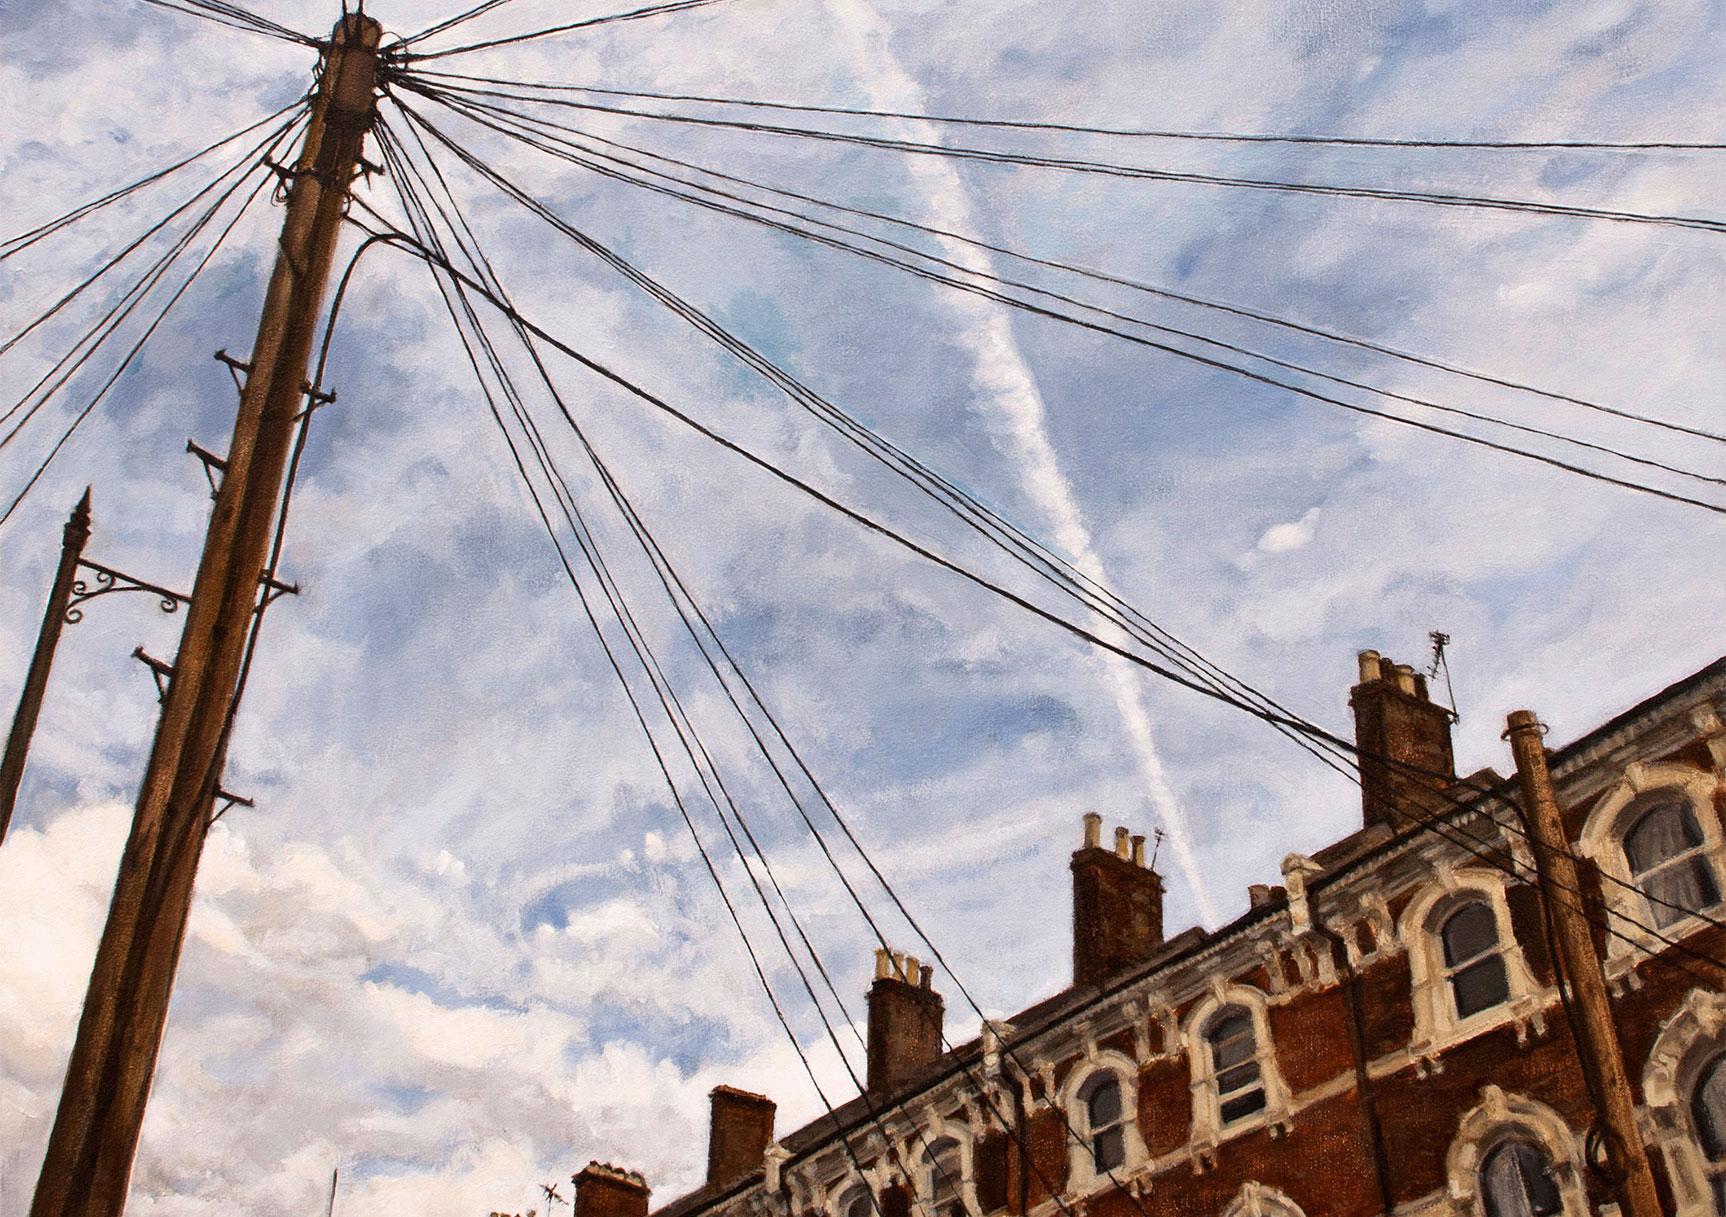 Wires-gallery.jpg